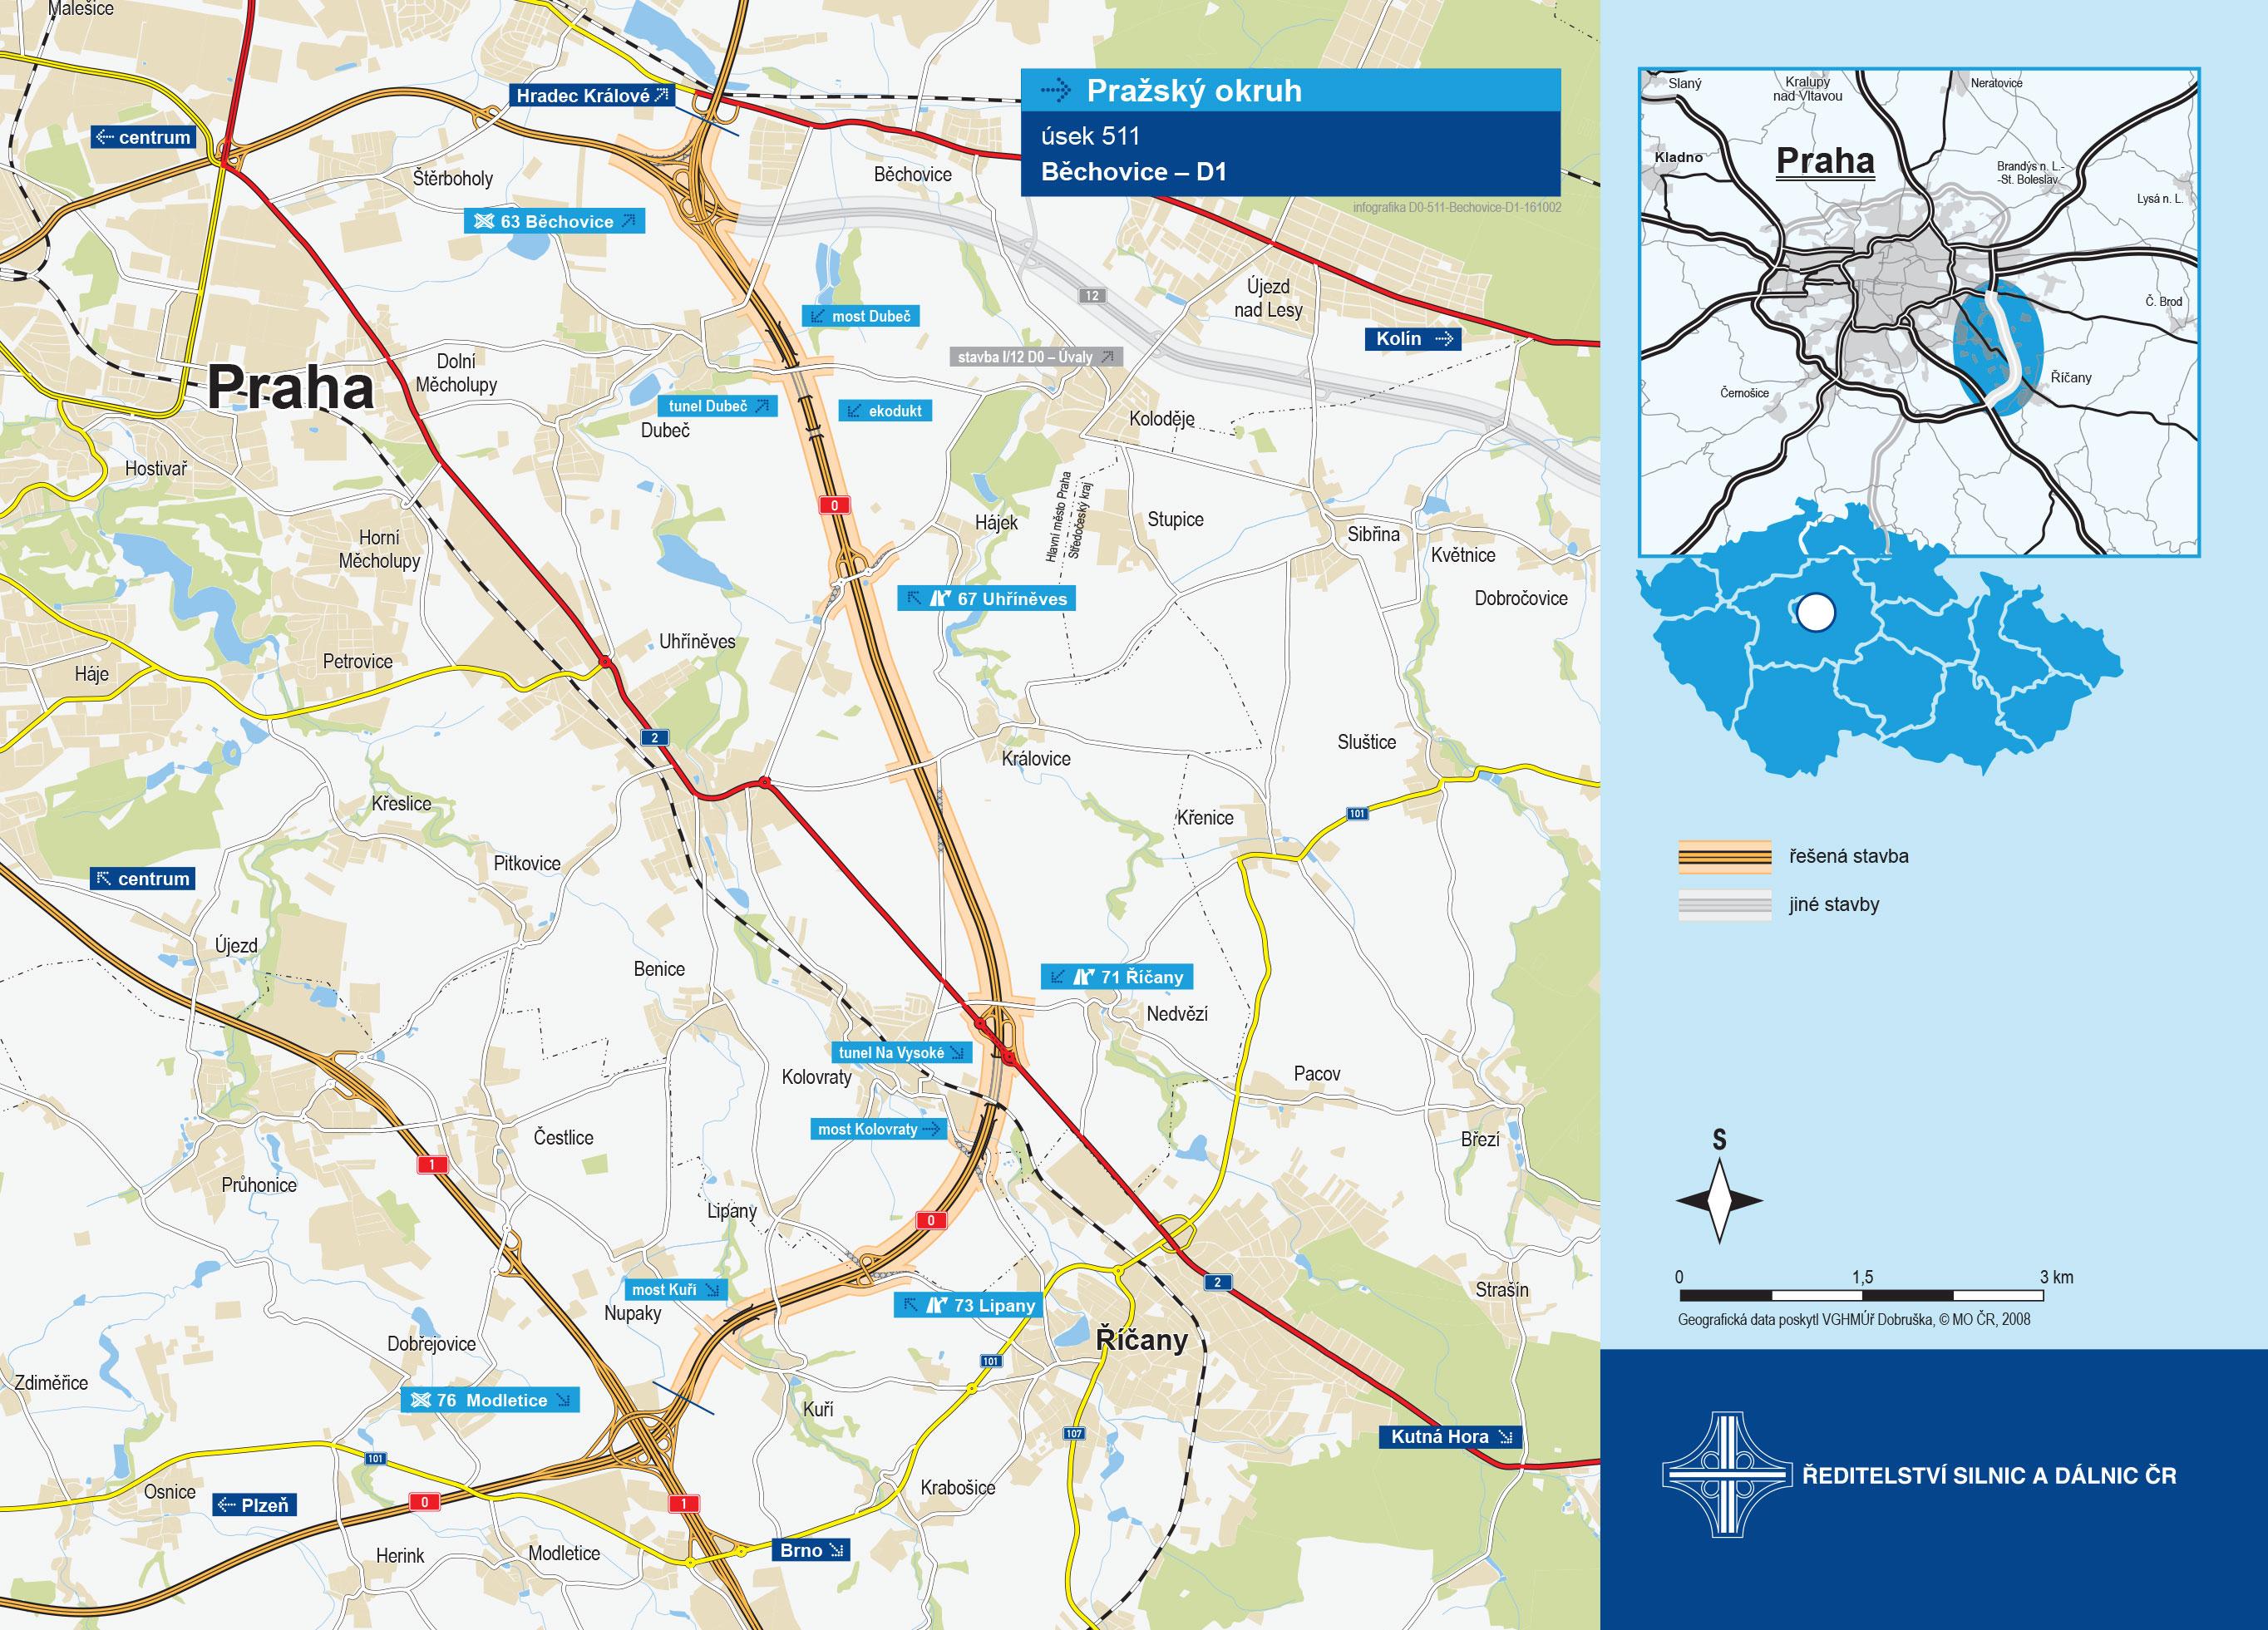 Mapa výstavby Silničního okruhu kolem Prahy v úseku Běchovice - dálnice D1